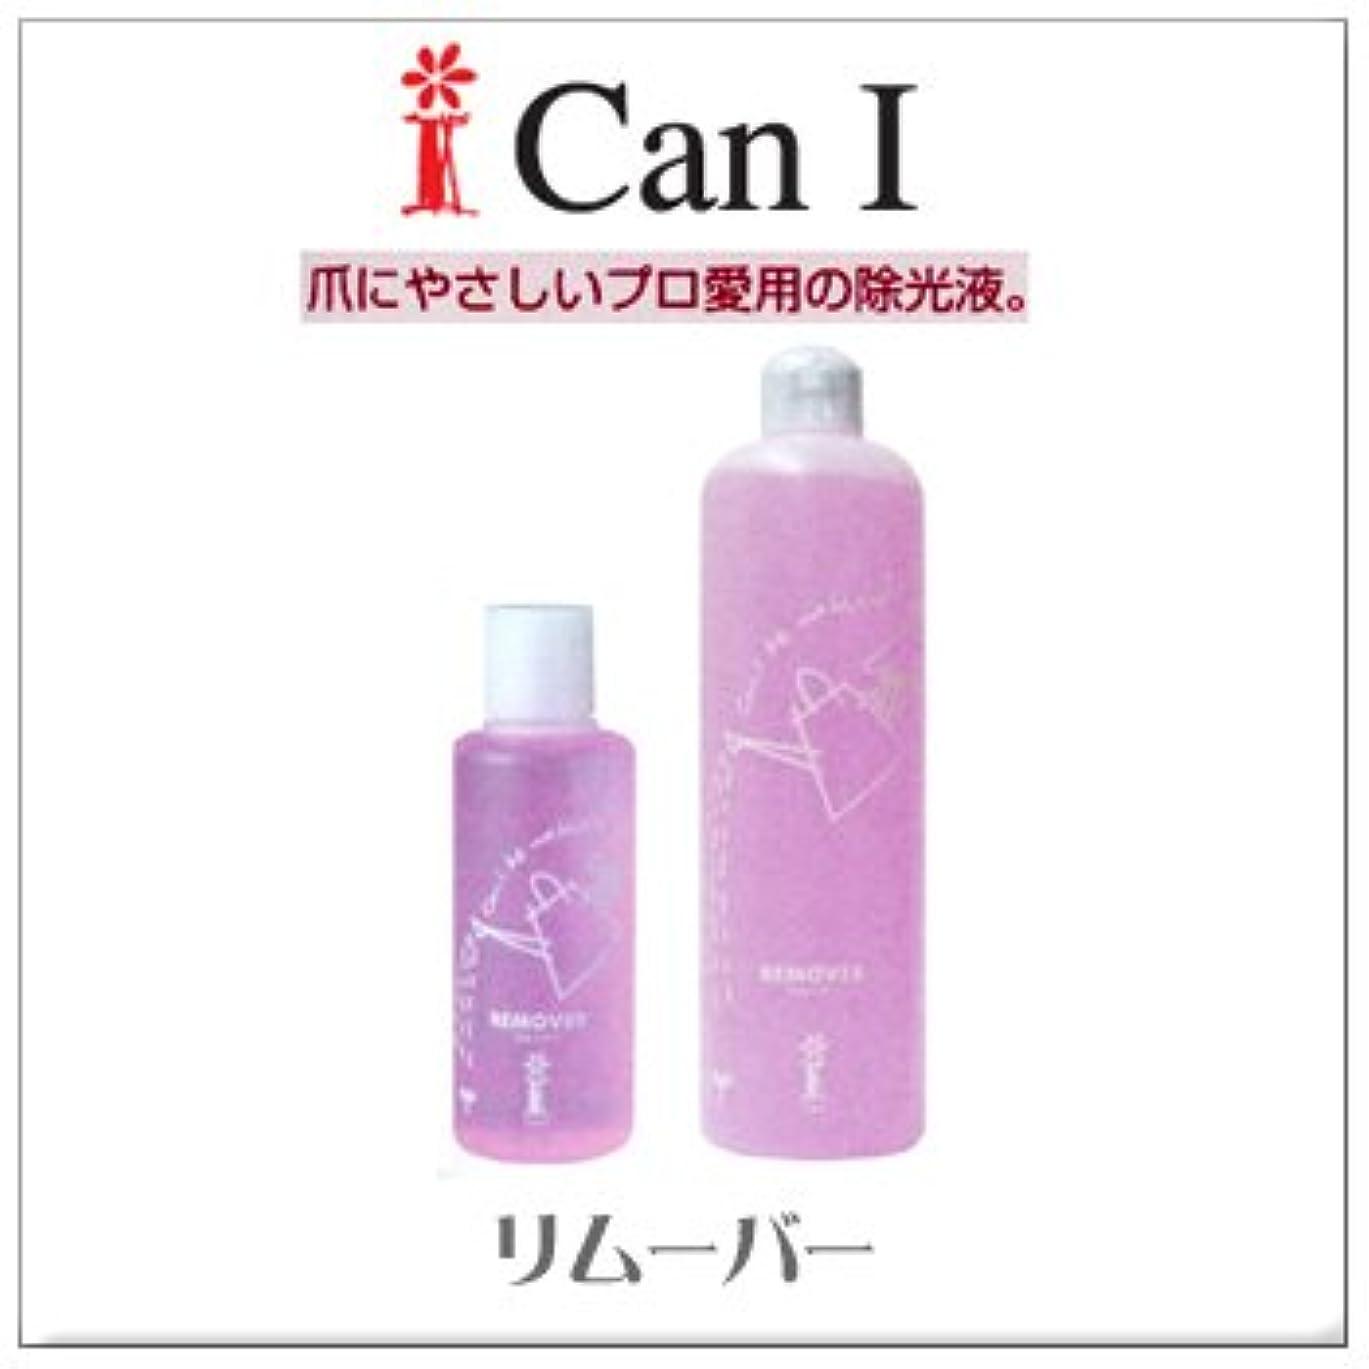 批評岸昨日CanI (キャンアイ) リムーバー be native 500ml